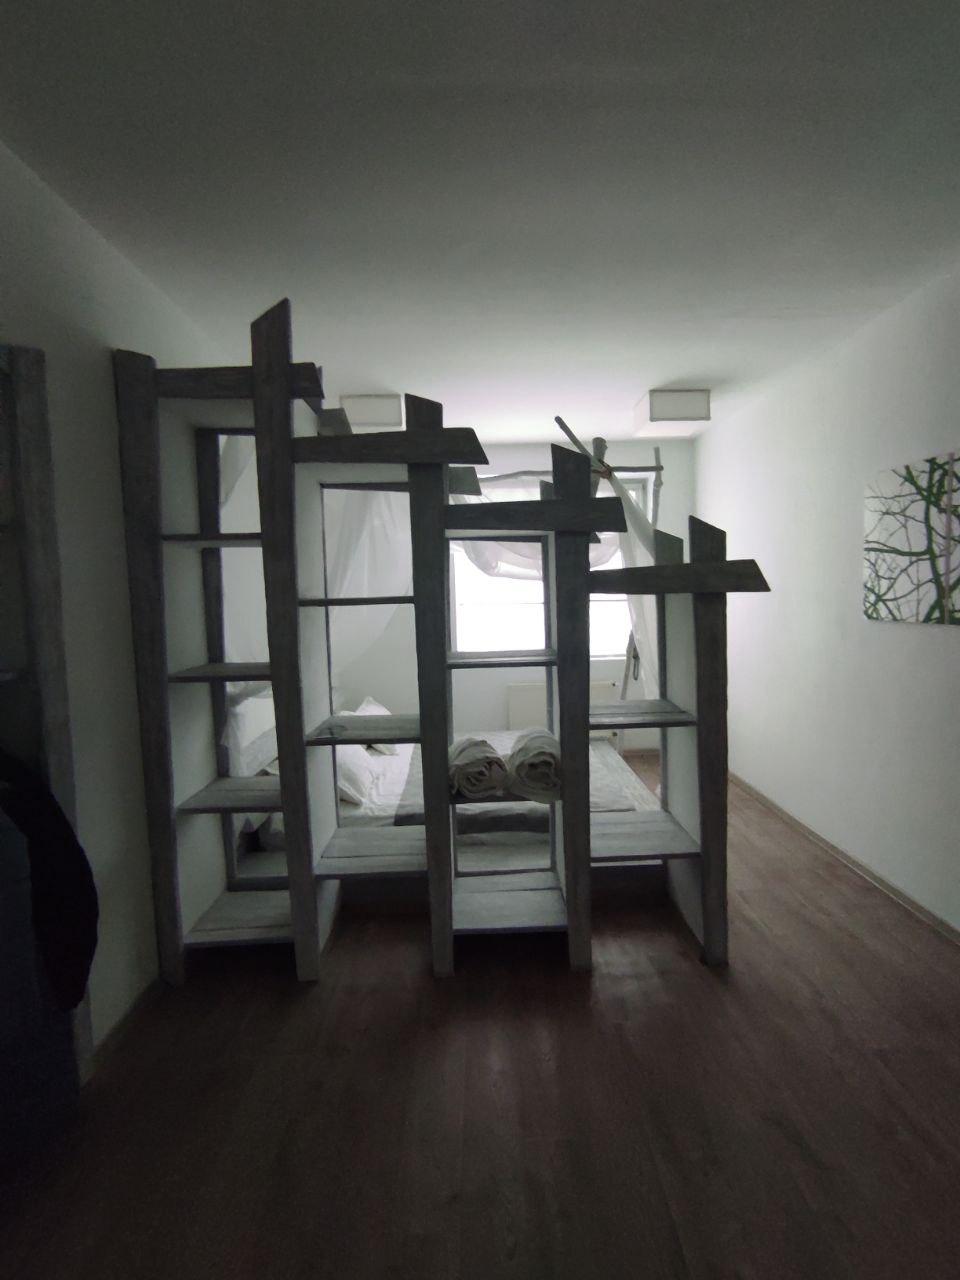 Вторая комната. Что темно — это не недостаток номера, а кривые руки фотографа. На самом деле там светлее.